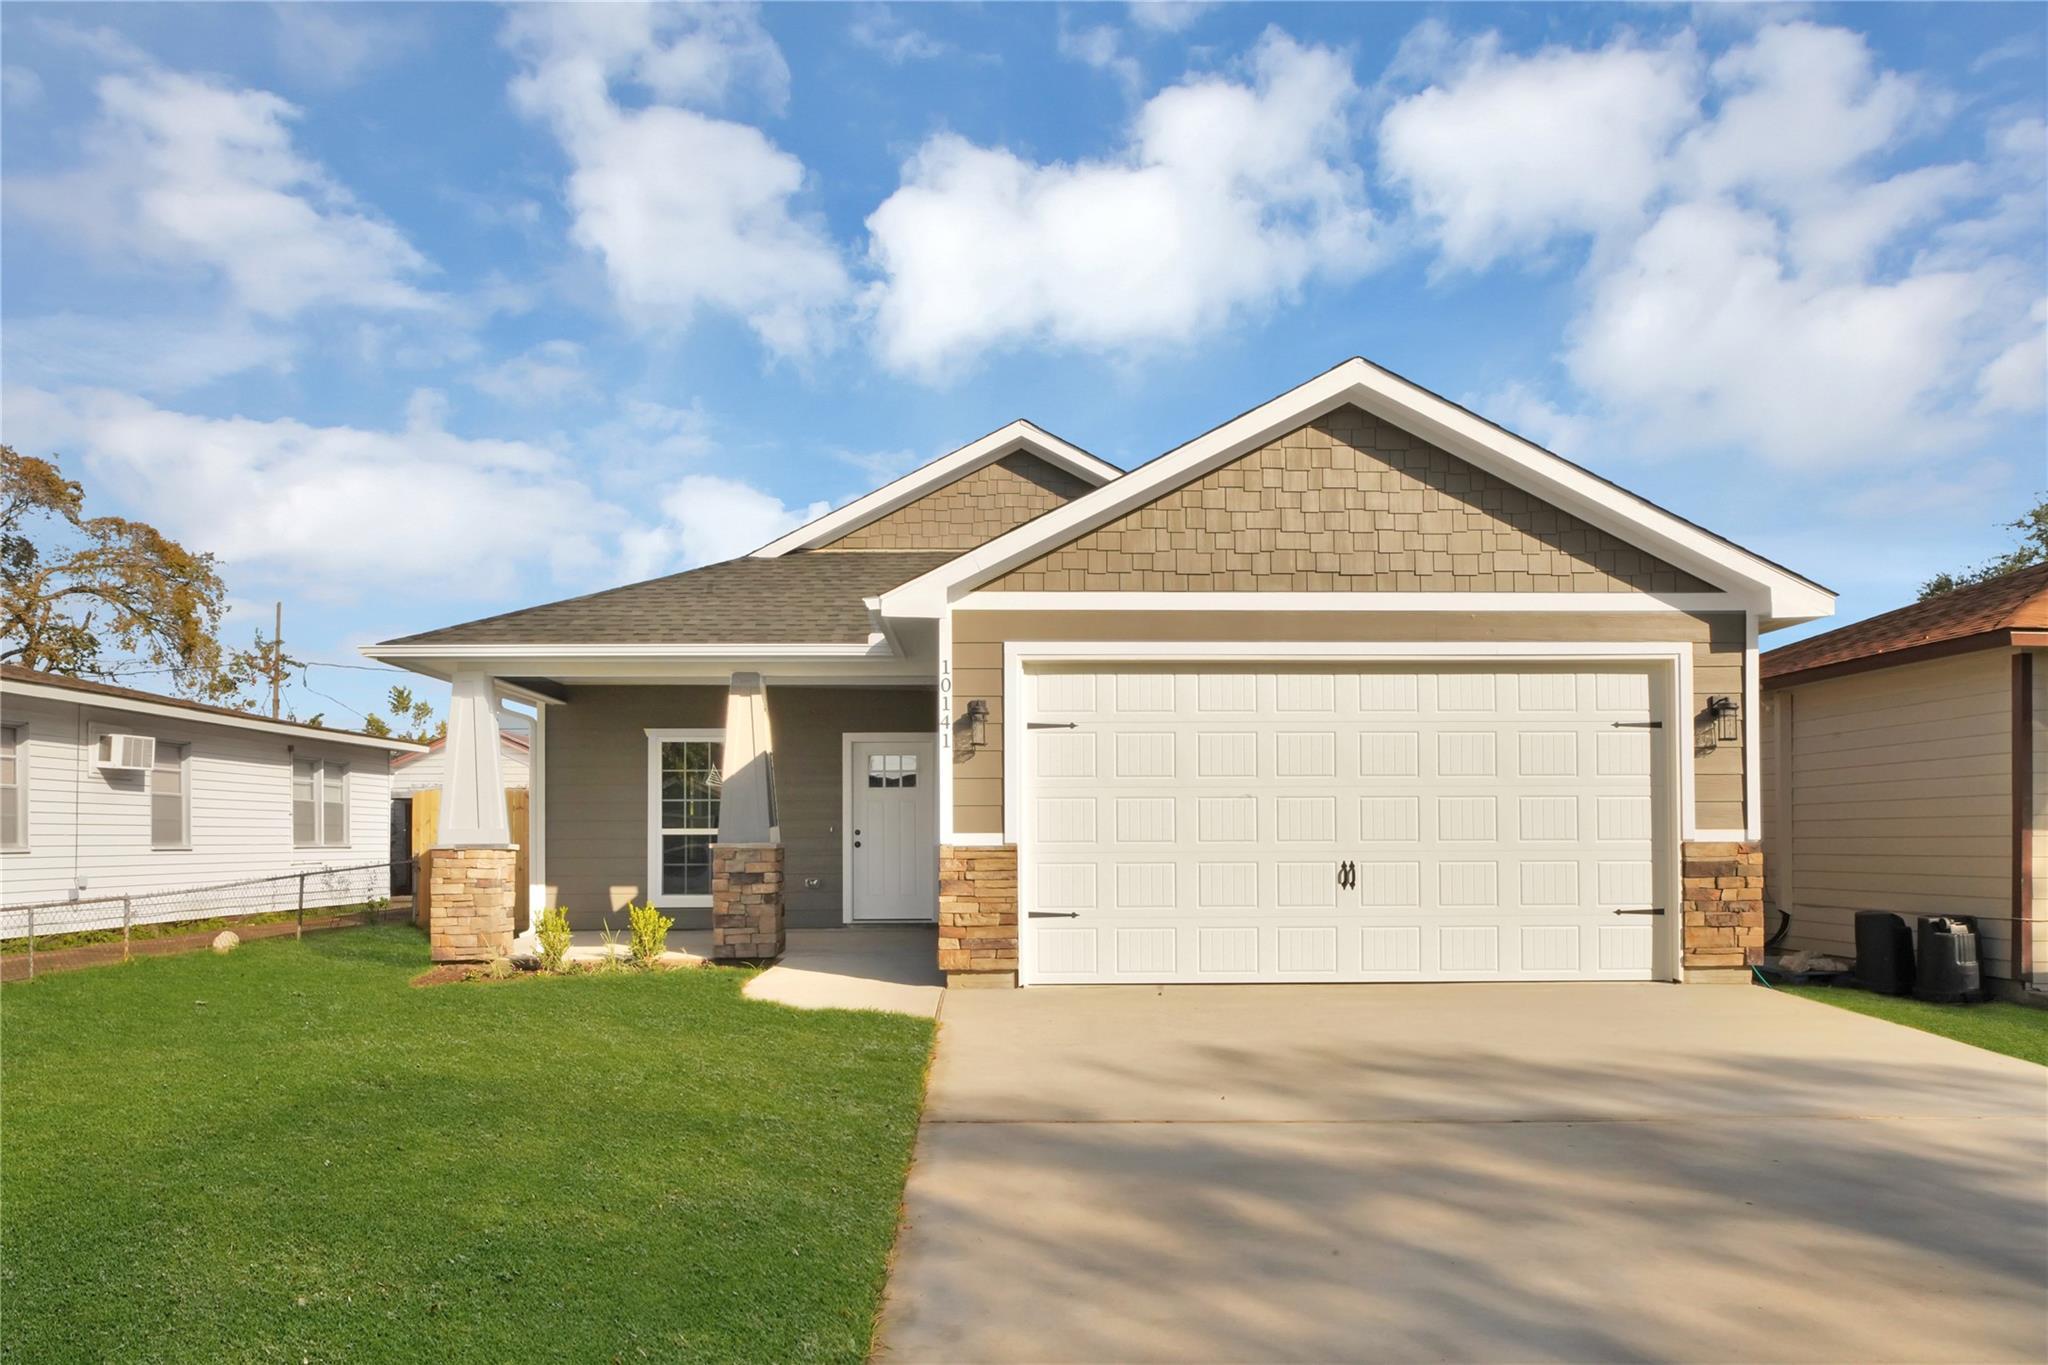 10141 Fairfax Street Property Photo - Houston, TX real estate listing